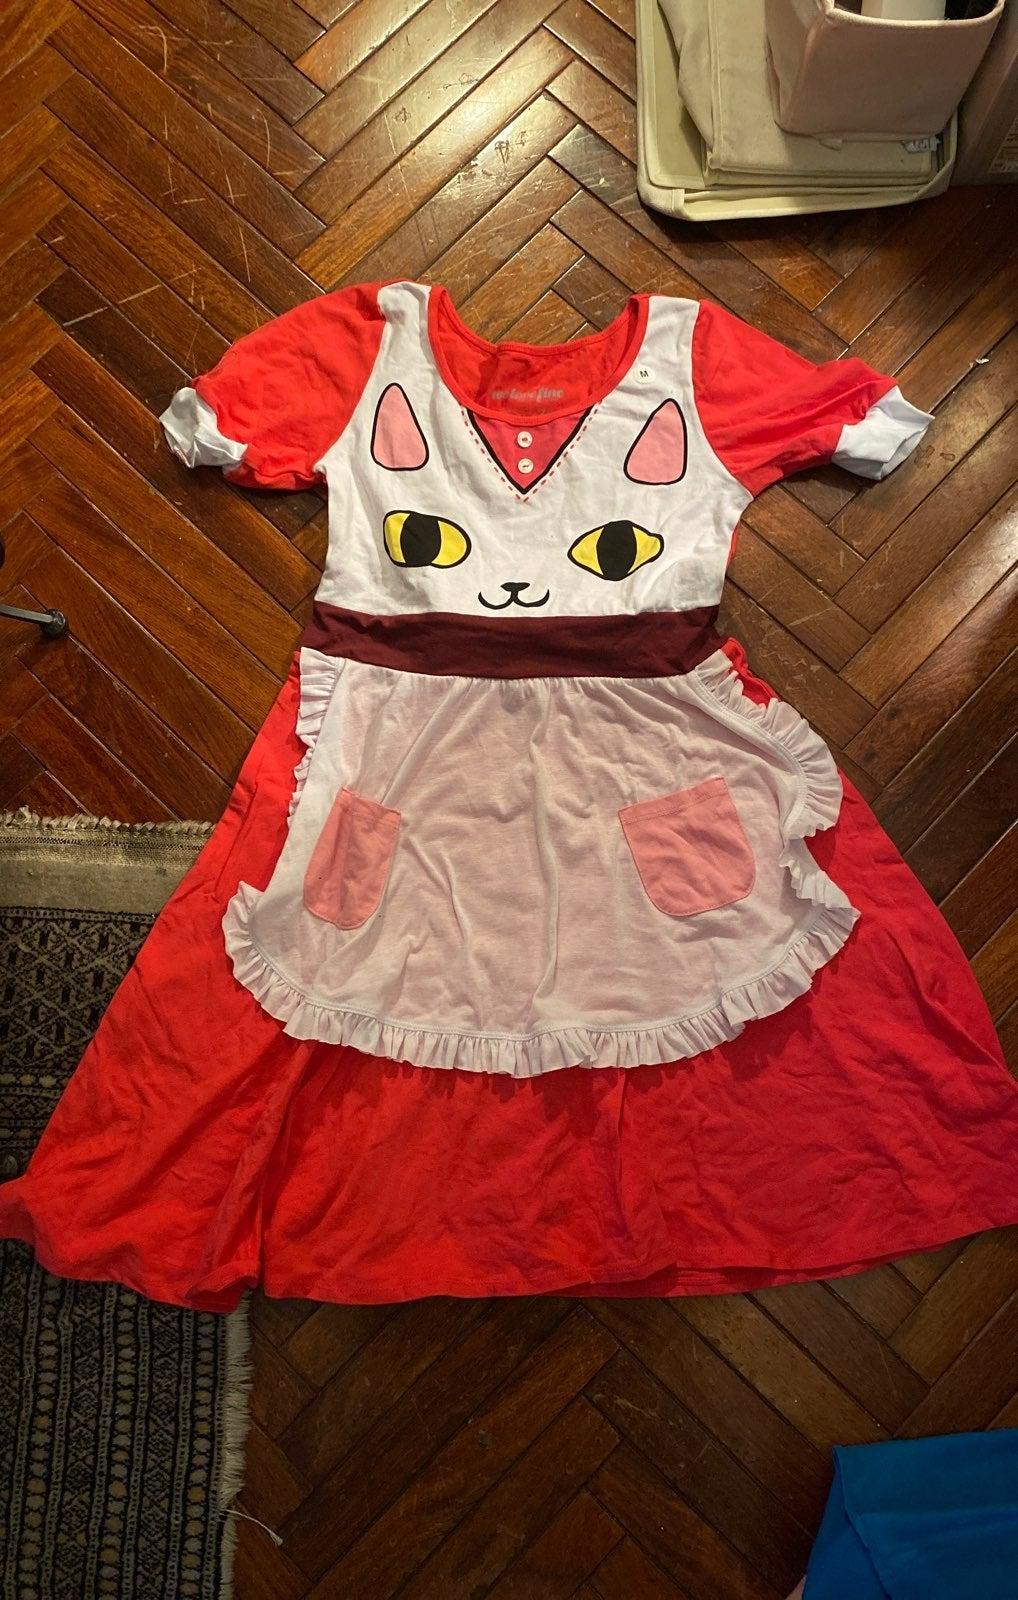 We Love Fine Bee & Puppycat Dress! M